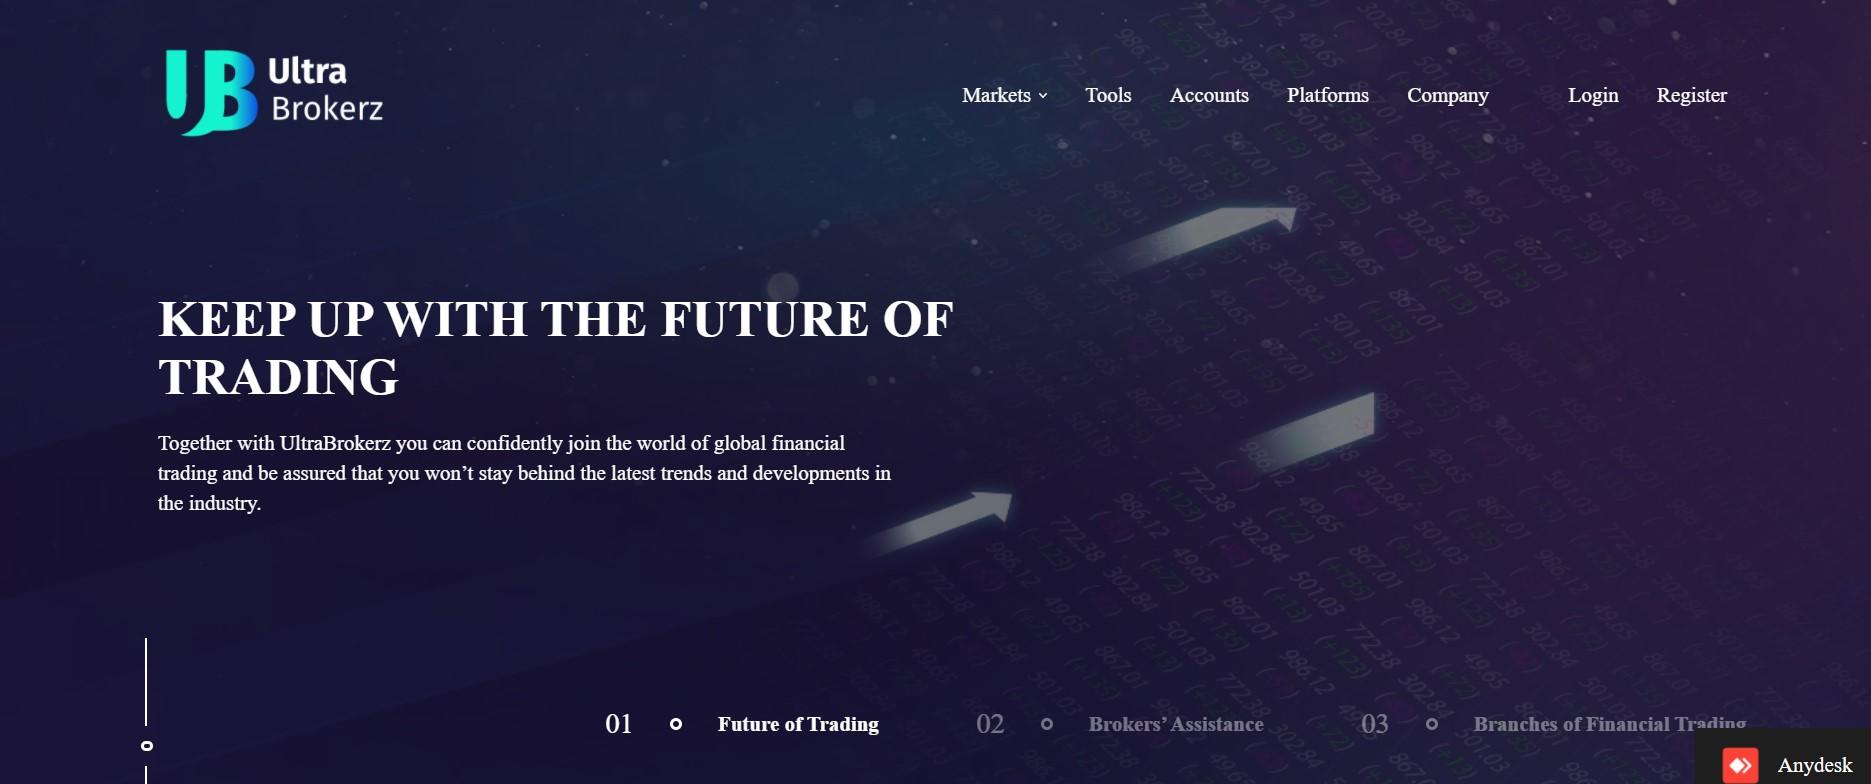 UltraBrokerz website